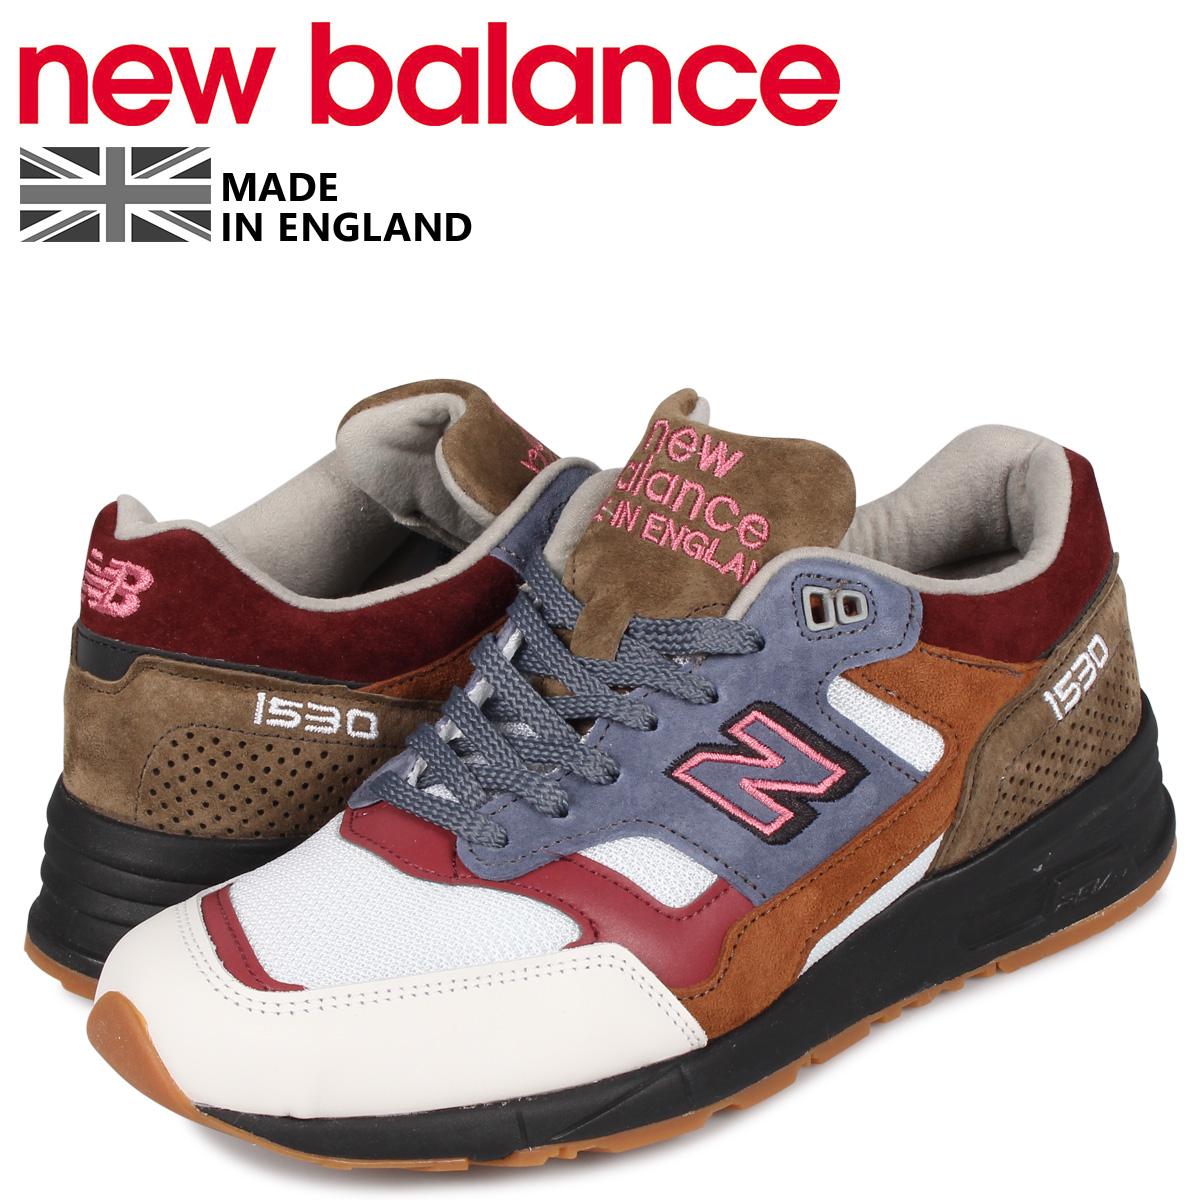 ニューバランス new balance 1530 スニーカー メンズ Dワイズ MADE IN UK ブラウン M1530WBB